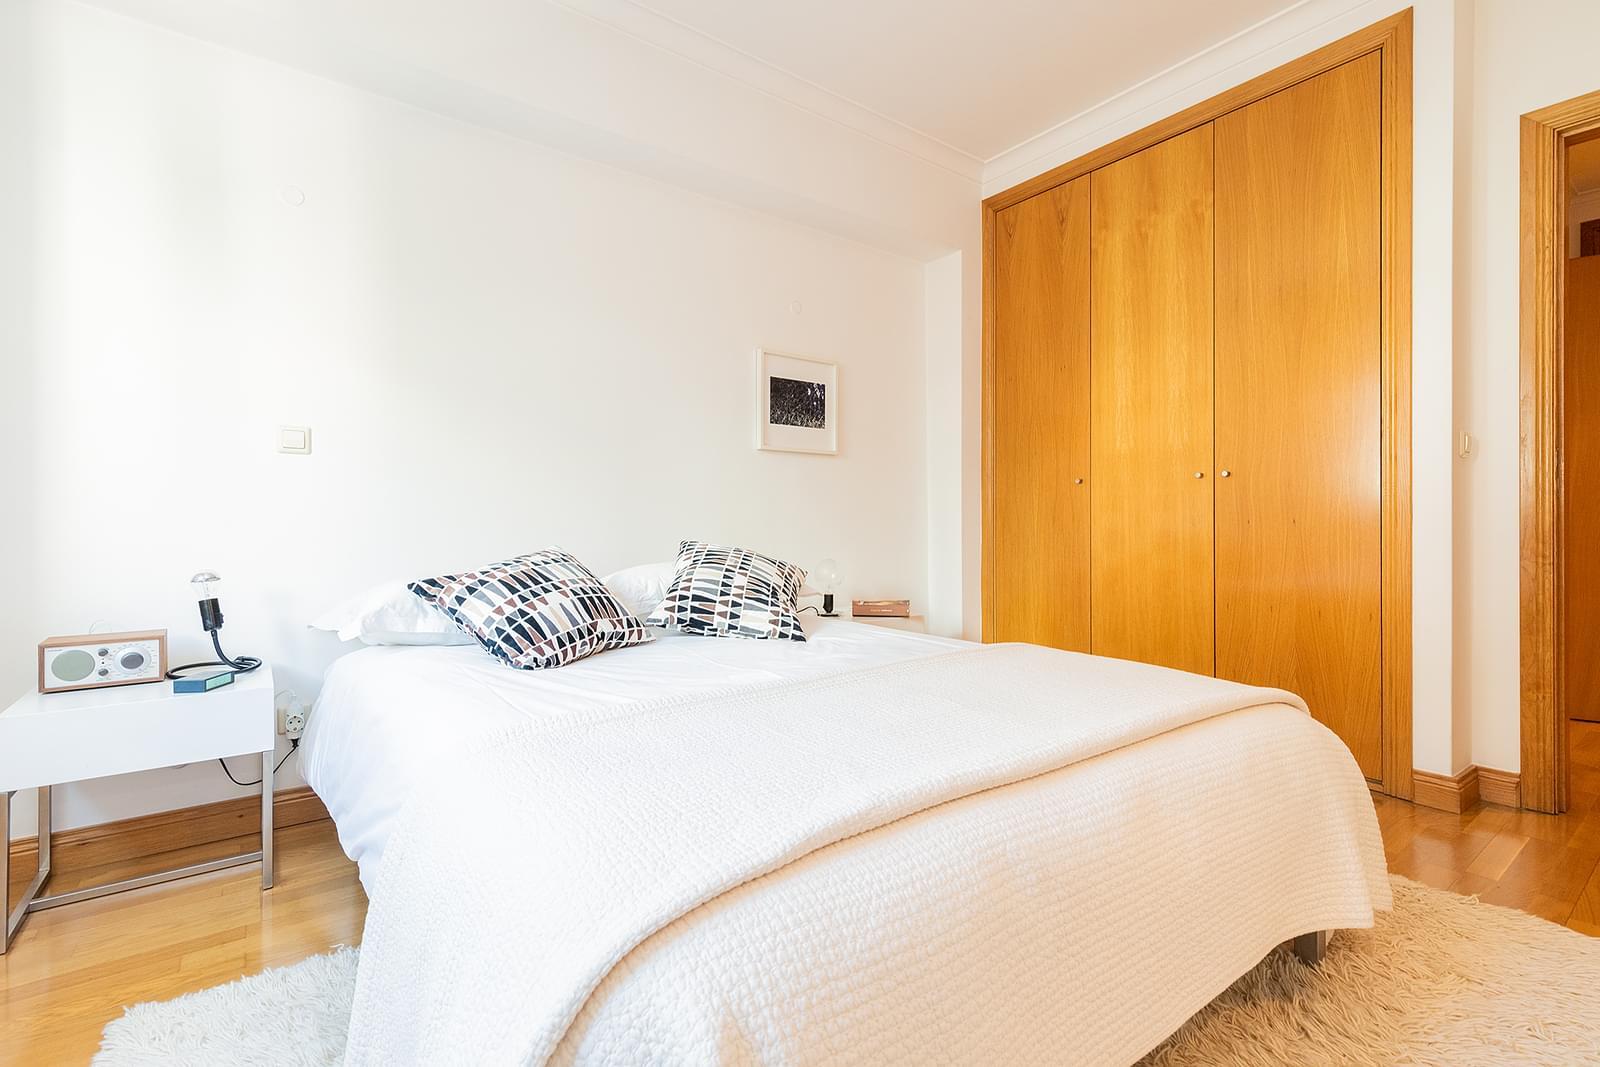 pf18967-apartamento-t2-lisboa-edbad449-0f44-449a-9645-20ab06128e3f